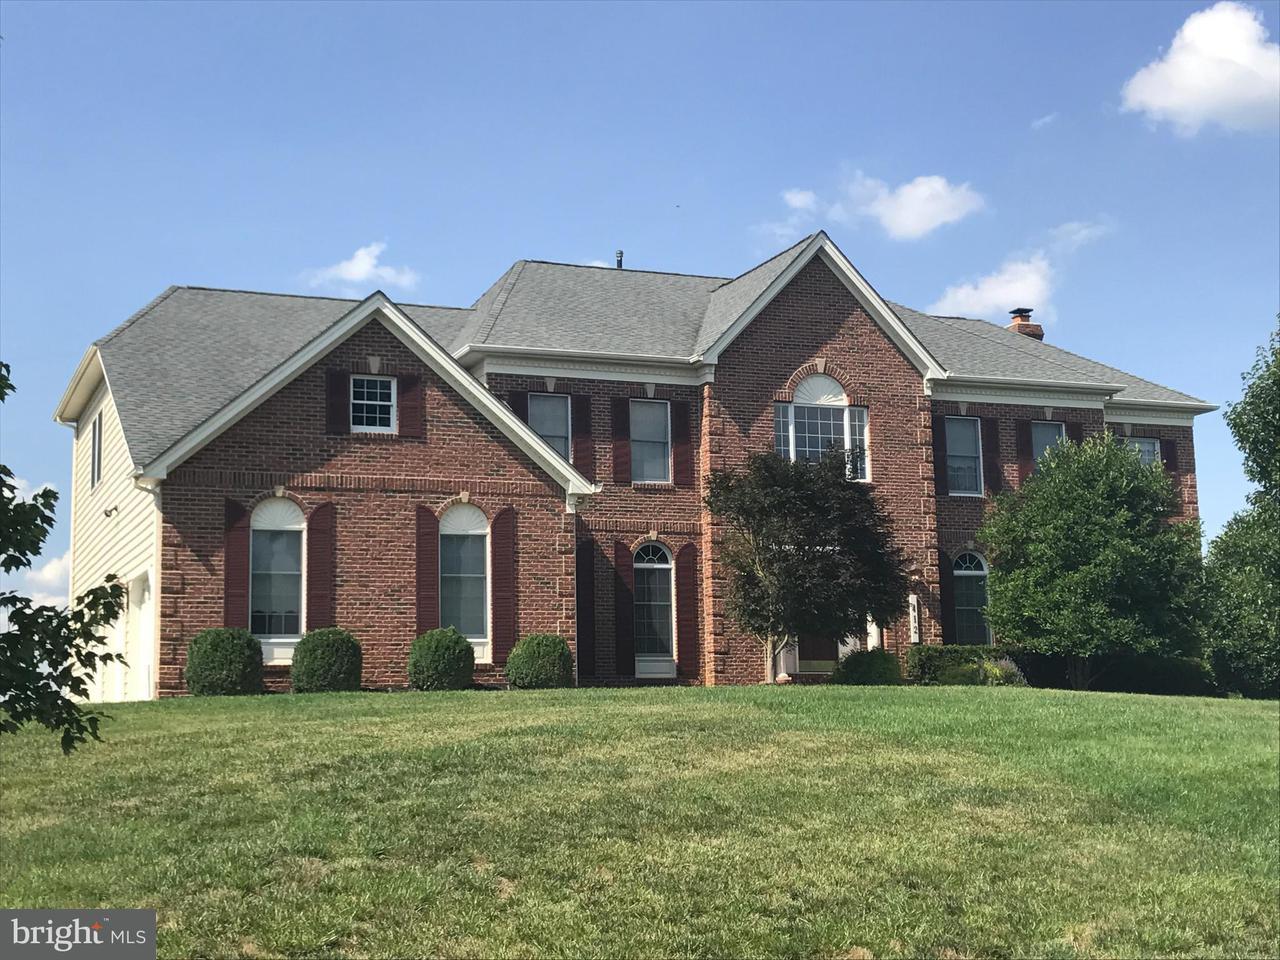 Частный односемейный дом для того Продажа на 412 BUEDEL Court 412 BUEDEL Court Sparks, Мэриленд 21152 Соединенные Штаты